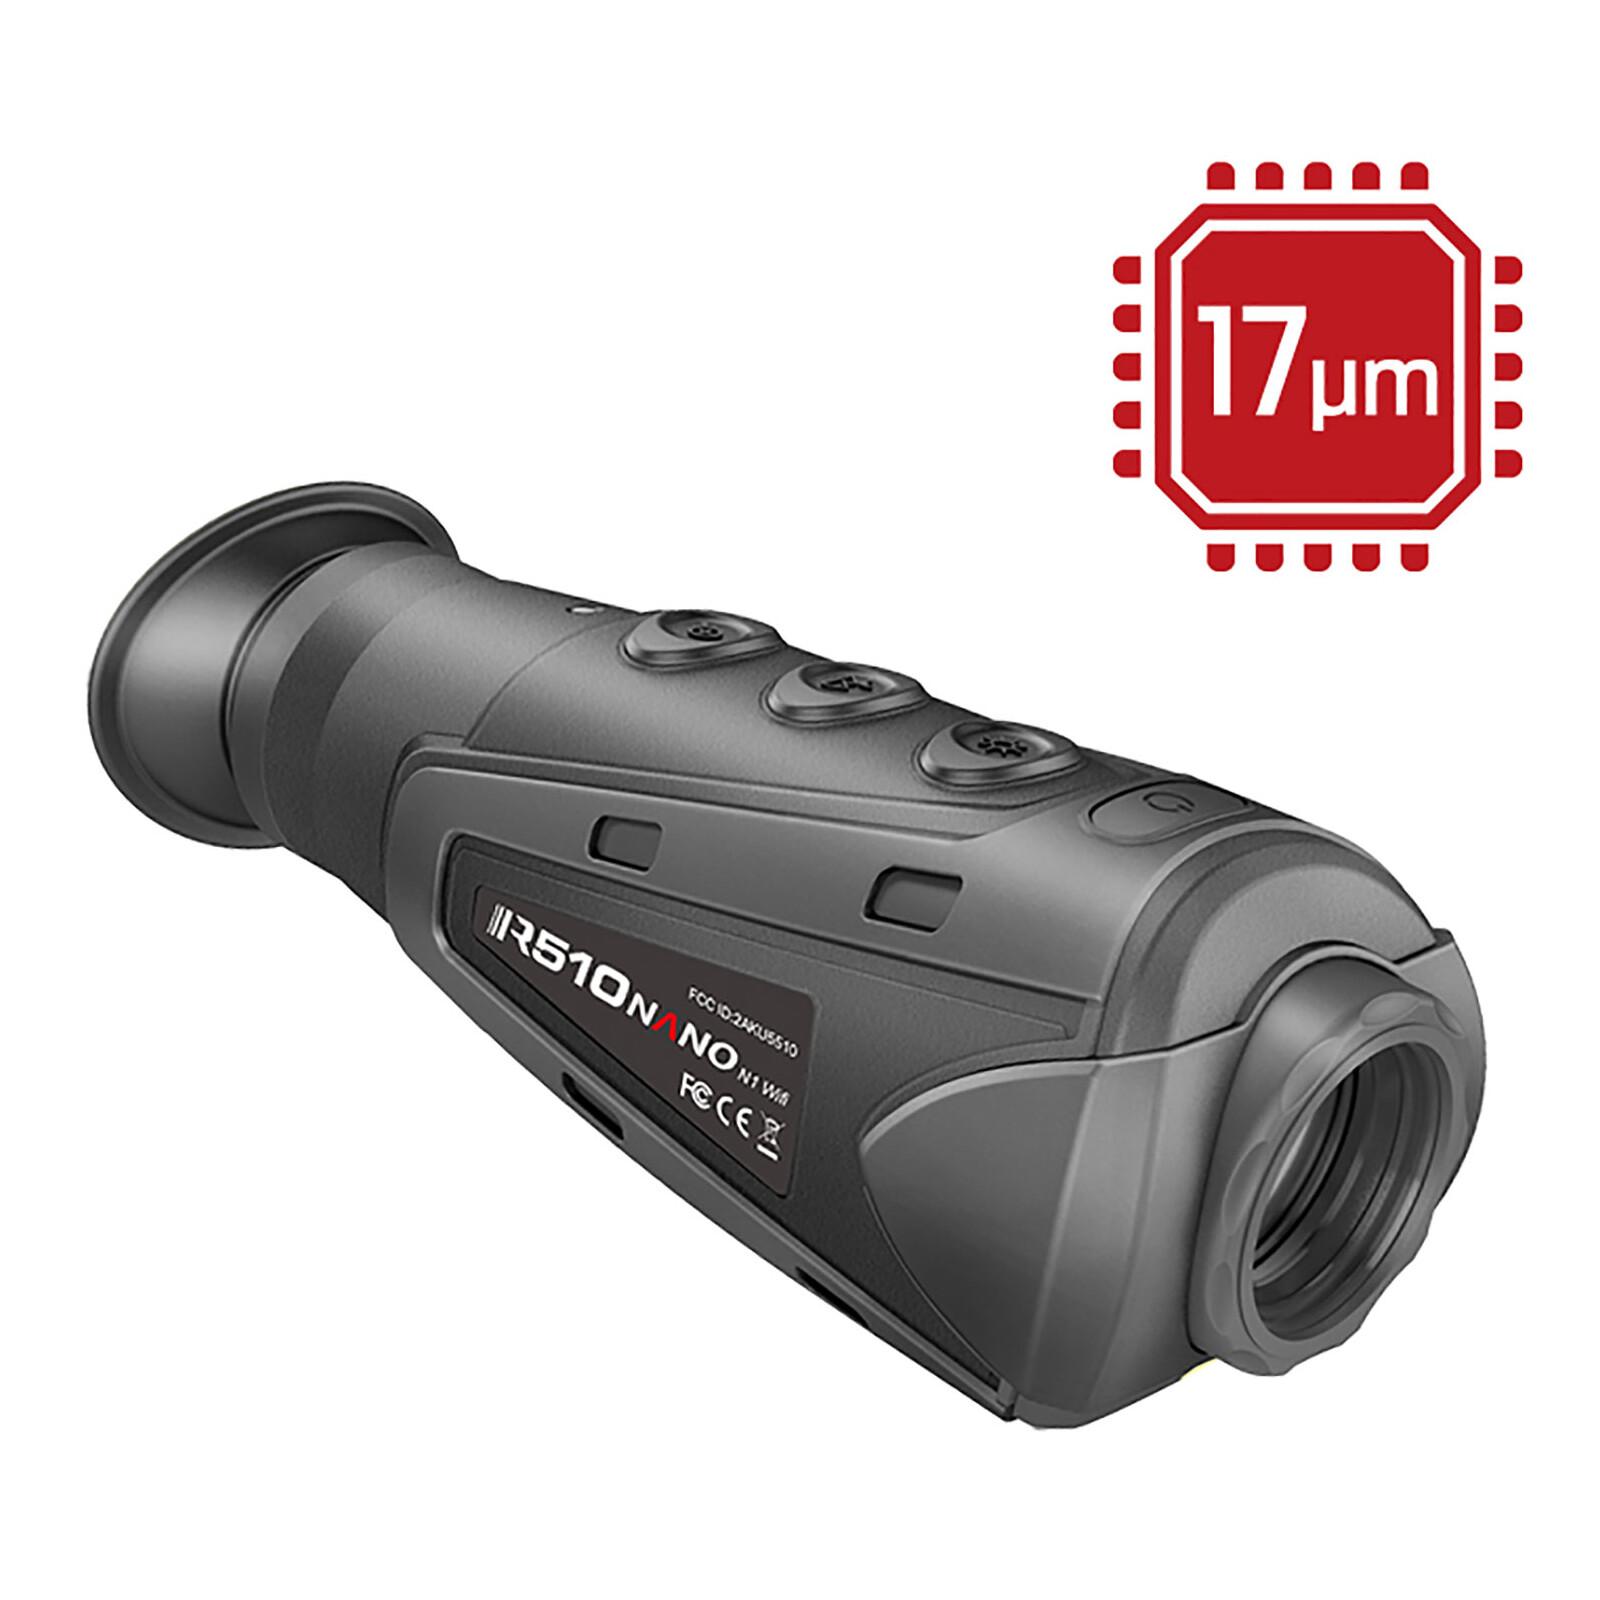 Guide IR510 Nano Series N2 25mm Handheld Thermal Imager